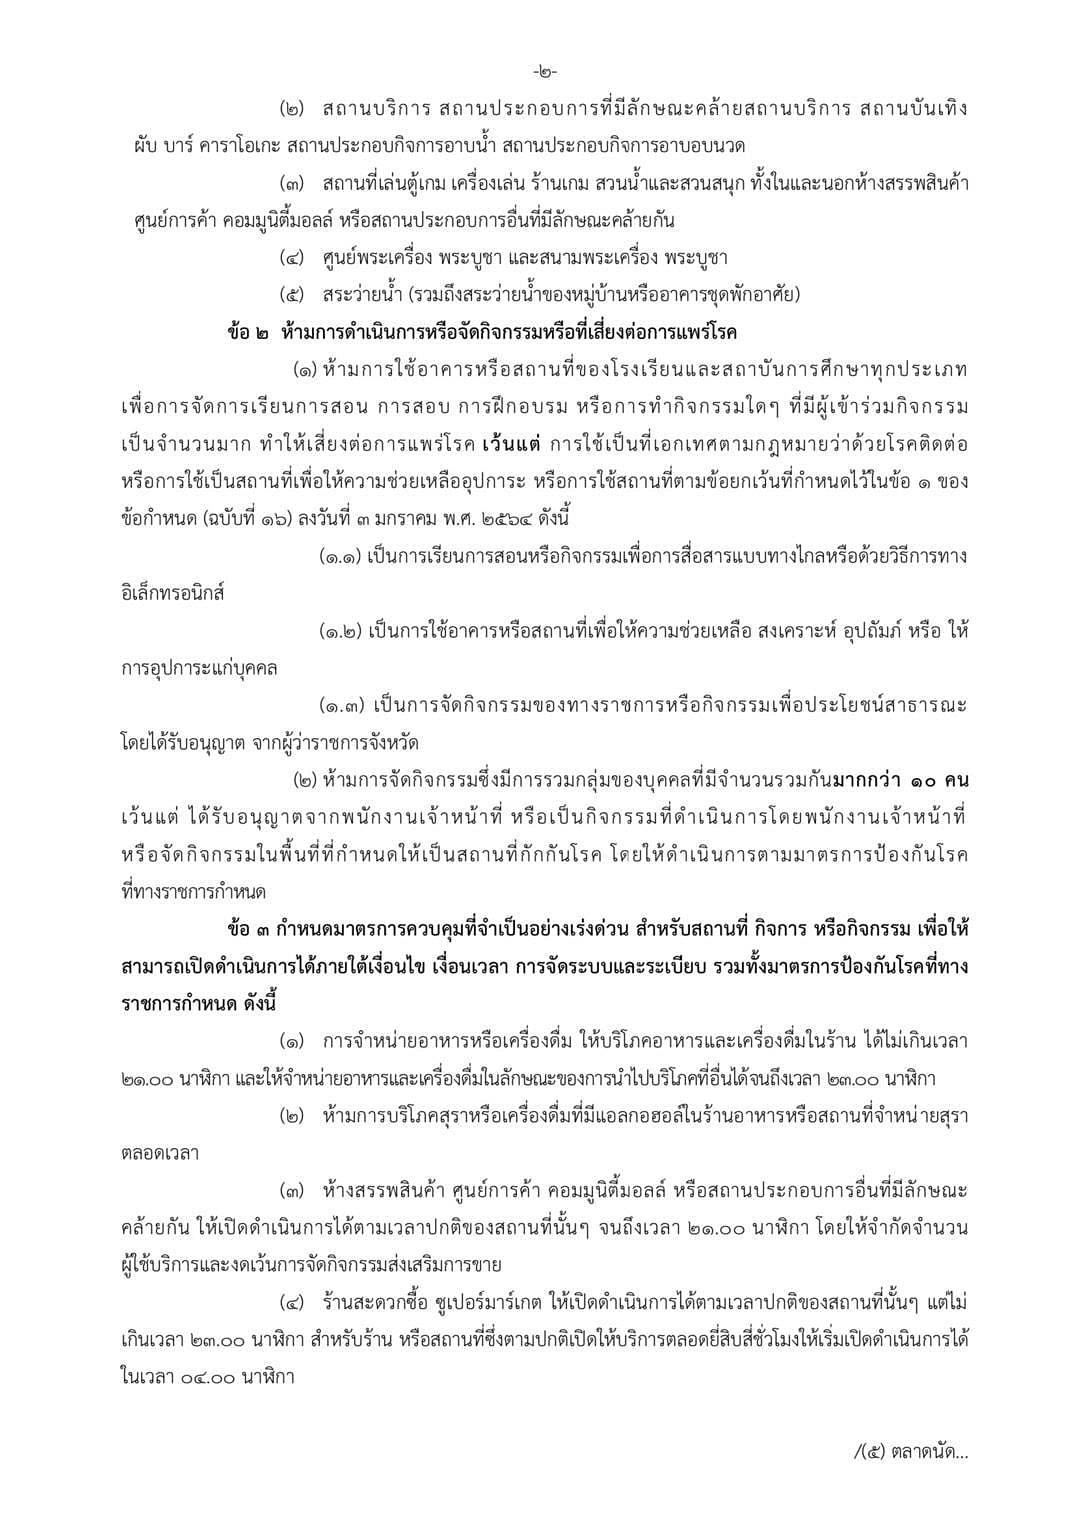 คำสั่งประกาศ ต้นฉบับ (2)